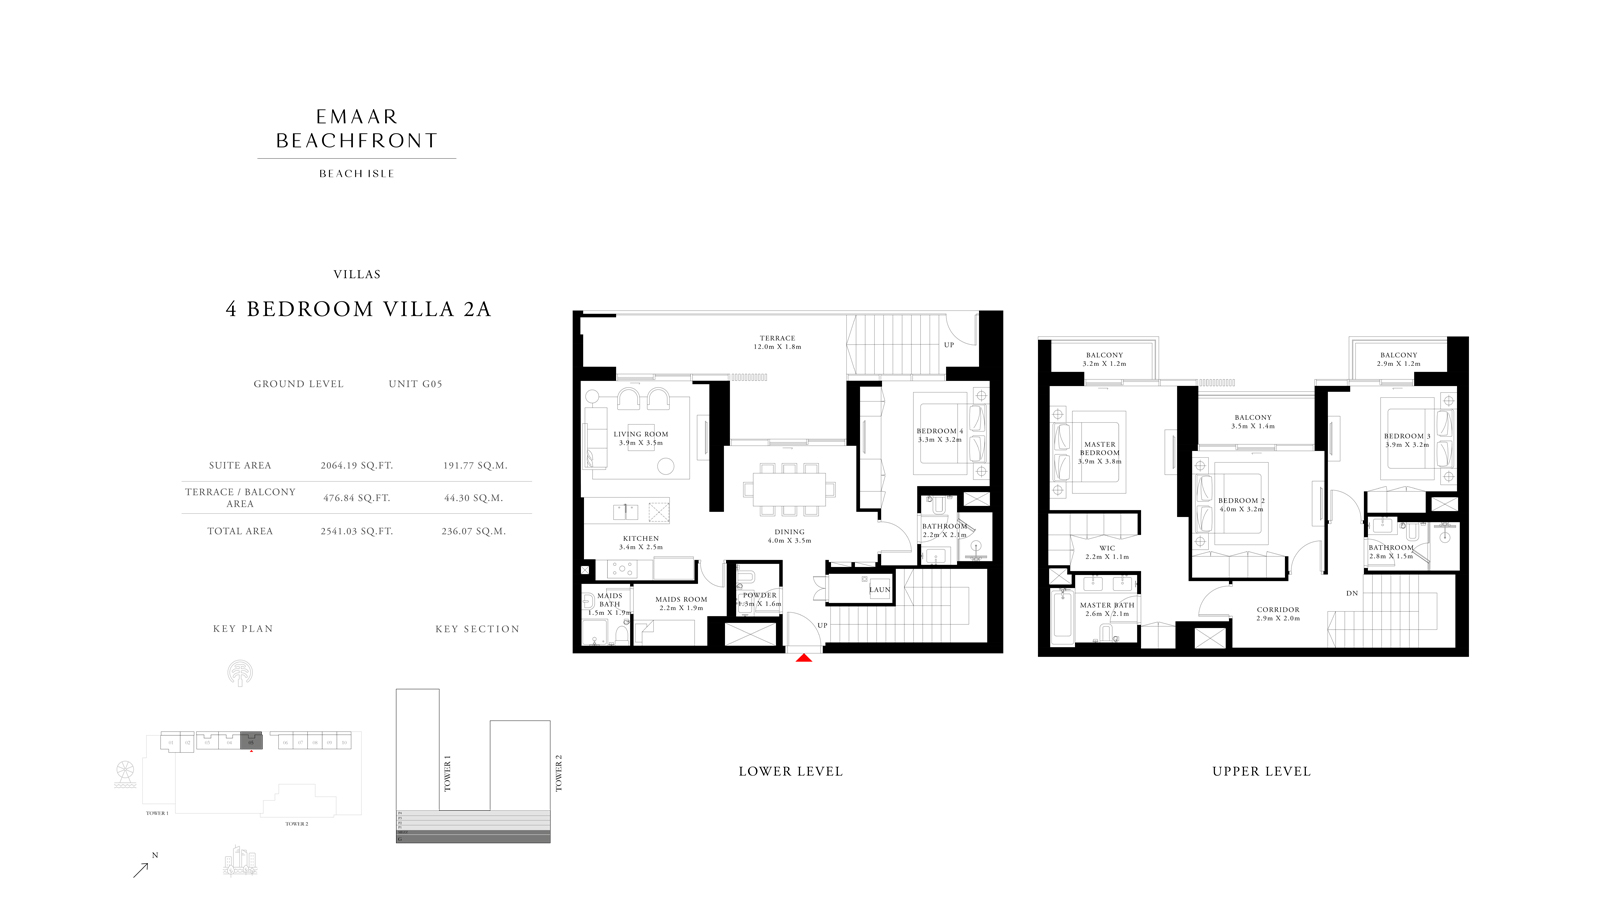 4 Bedroom Villas 2A, Size 2541 sq ft